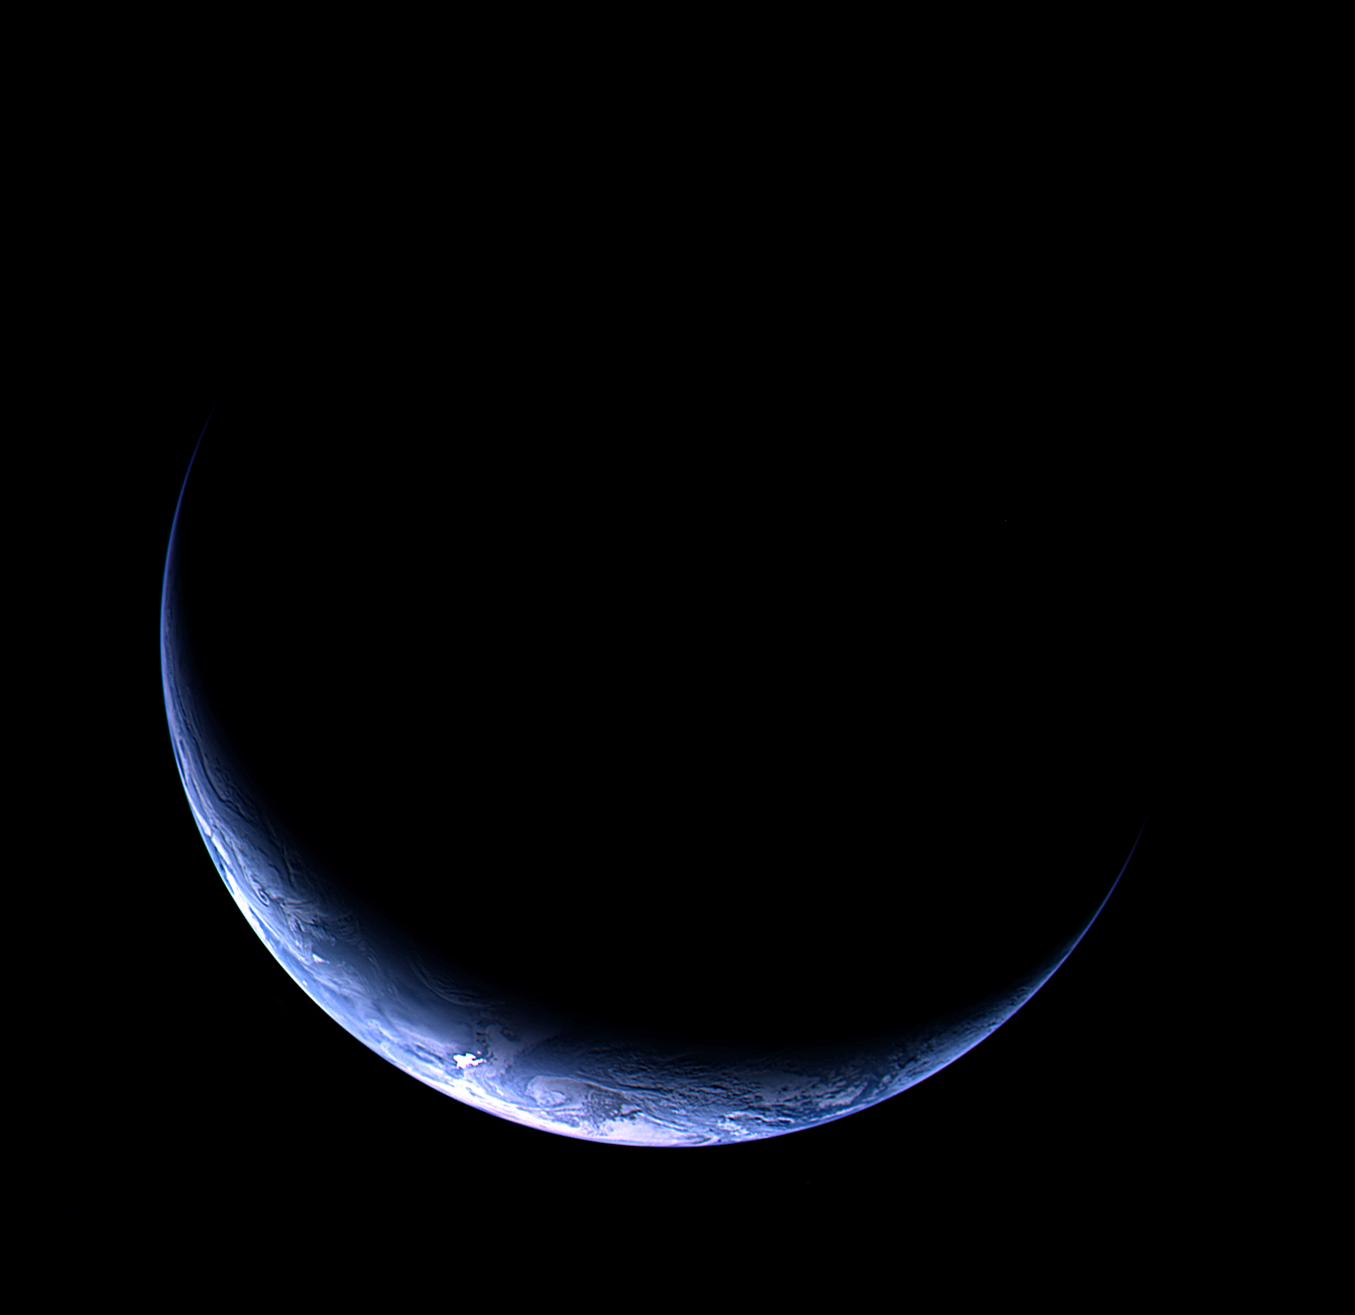 Rosetta gallery: Top 10 photos so far. Rosetta@home